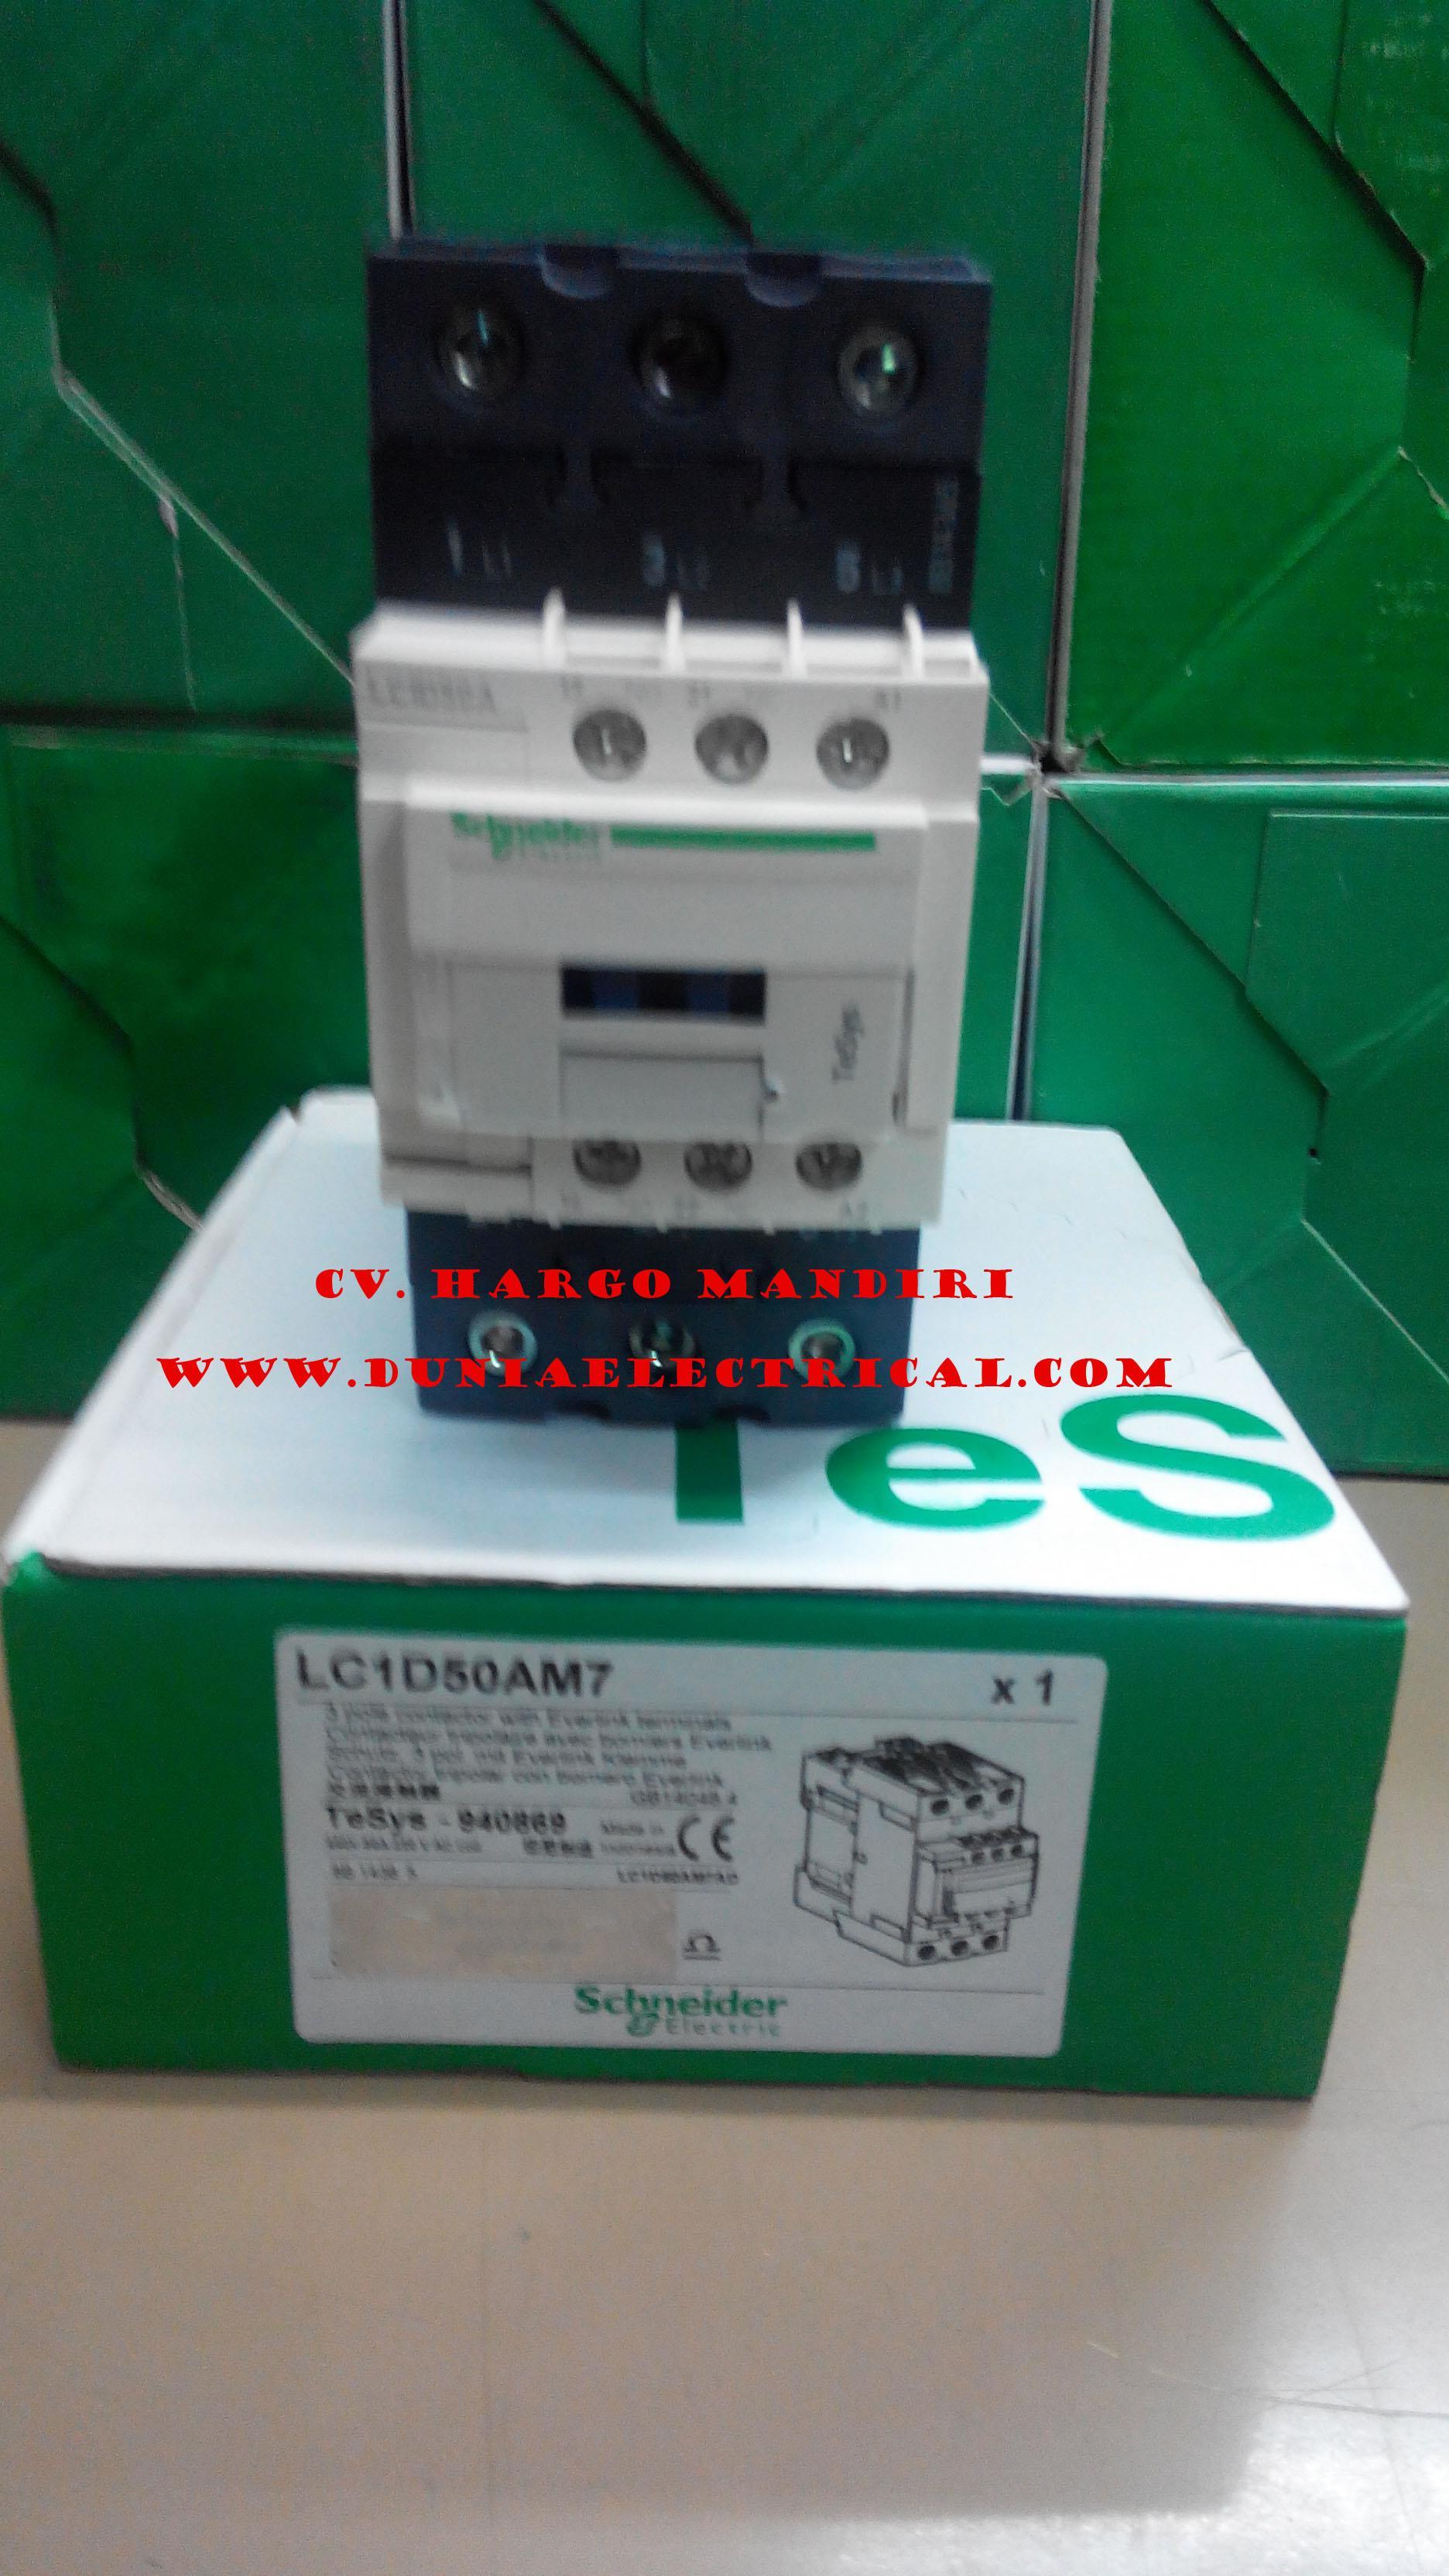 Jual Contactor LC1D50AM7 Schneider 220v Harga Murah